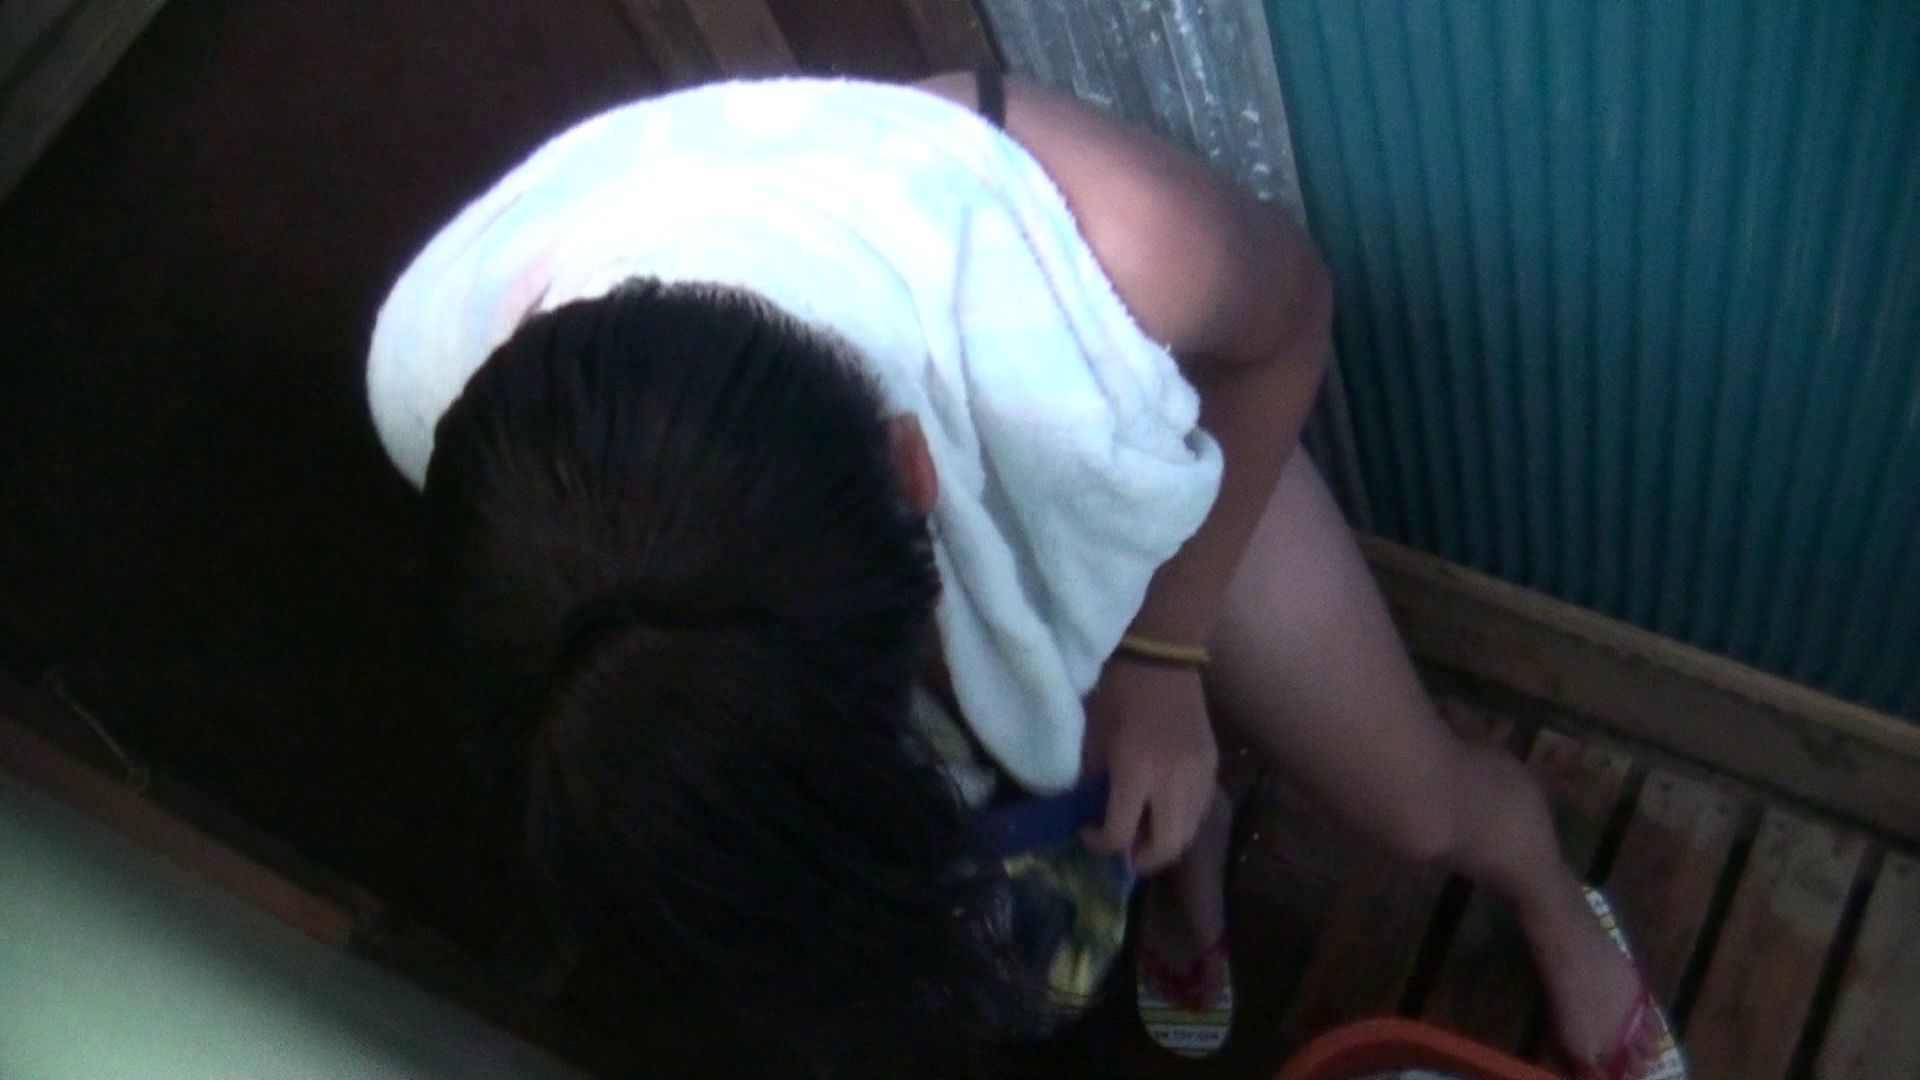 シャワールームは超!!危険な香りVol.17 ガーリーなビキニと下着に興奮です! 脱衣所の着替え  69画像 39